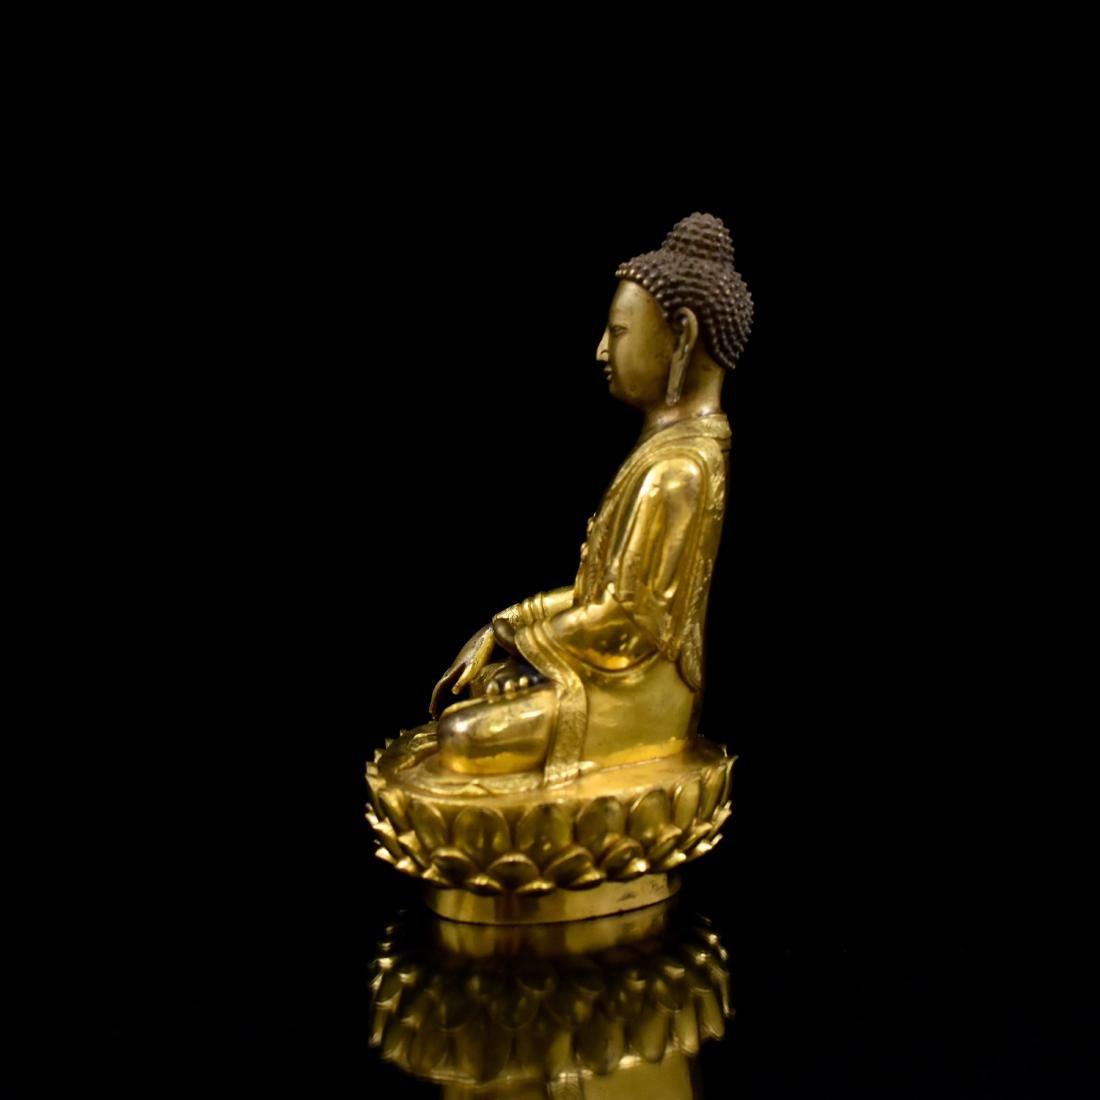 MING GILT BRONZE BUDDHA FIGURE OF SHAKYAMUNI BUDDHA - 4